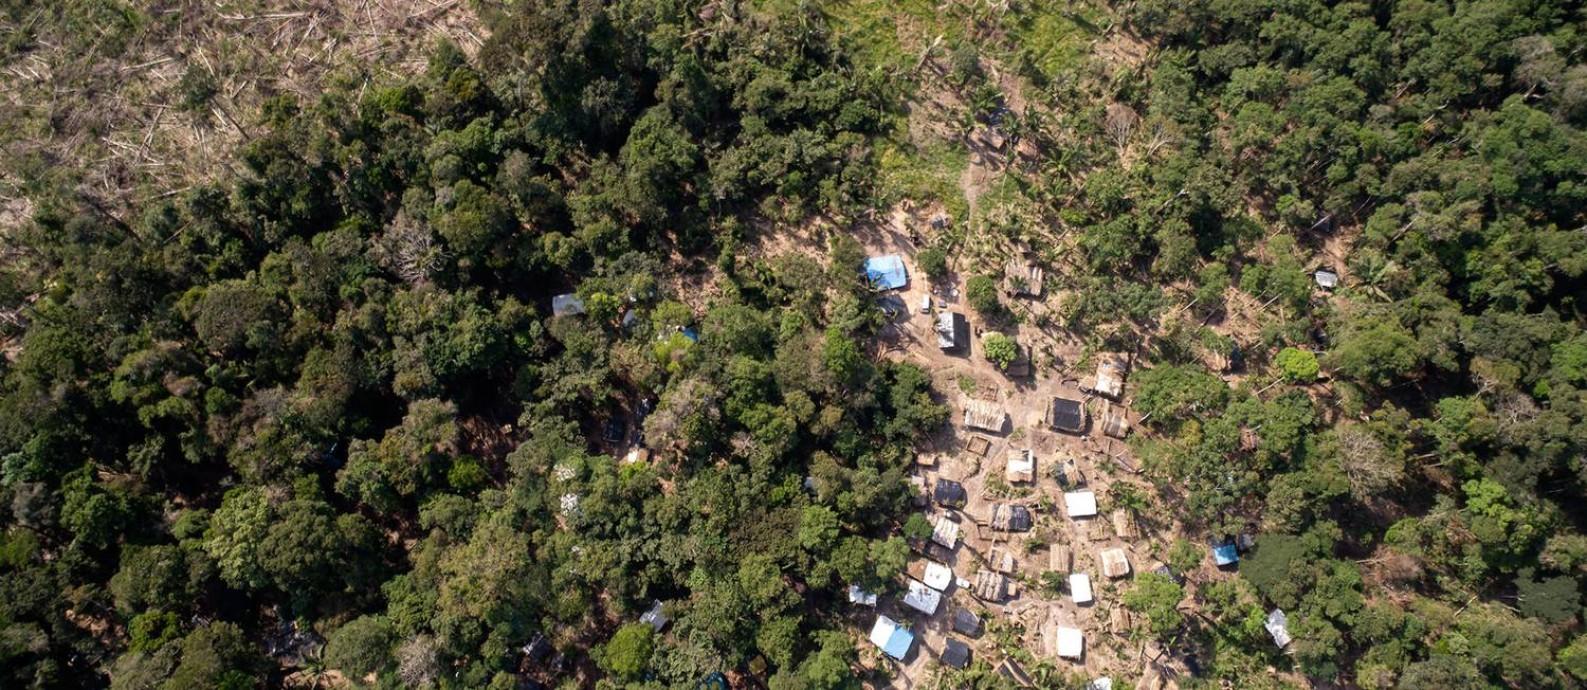 Floresta Nacional de Jacundá em Rondônia, próximo a Porto Velho, tem um assentamento em crescimento. Foto: Brenno Carvalho / Agência O Globo.